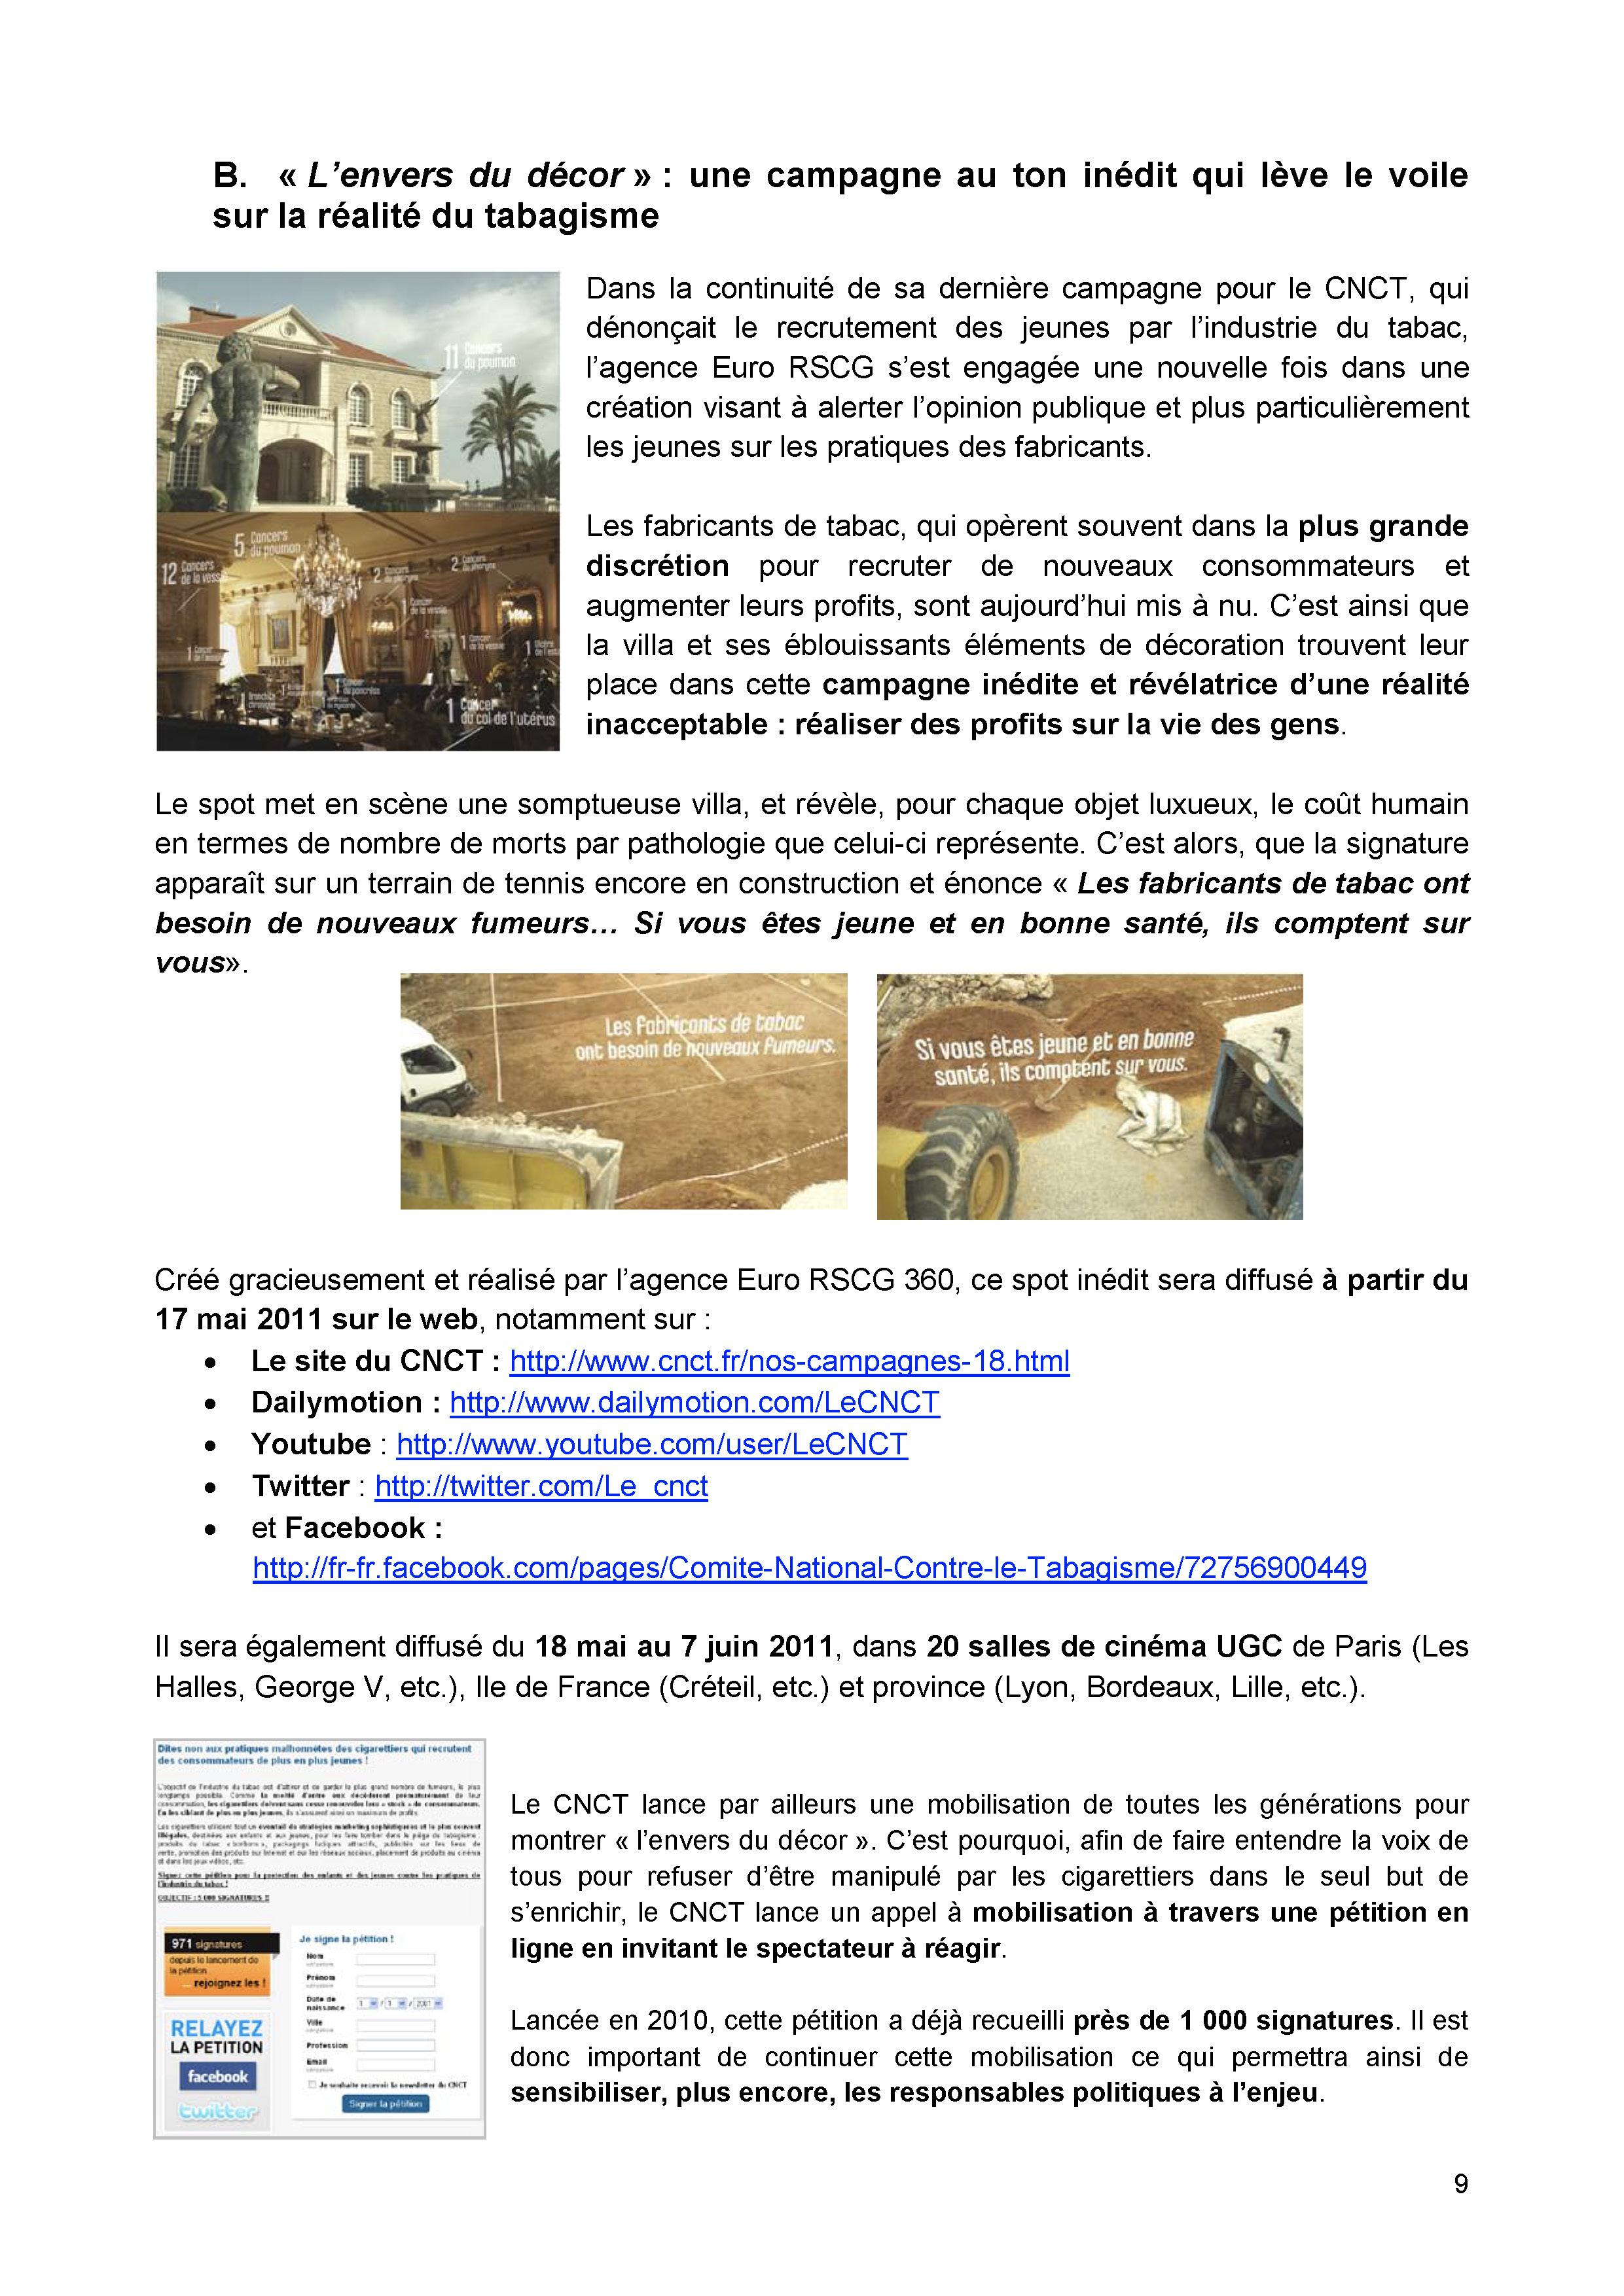 CNCT-DP-l-envers-du-decor-17mai2011_Page_09.jpg